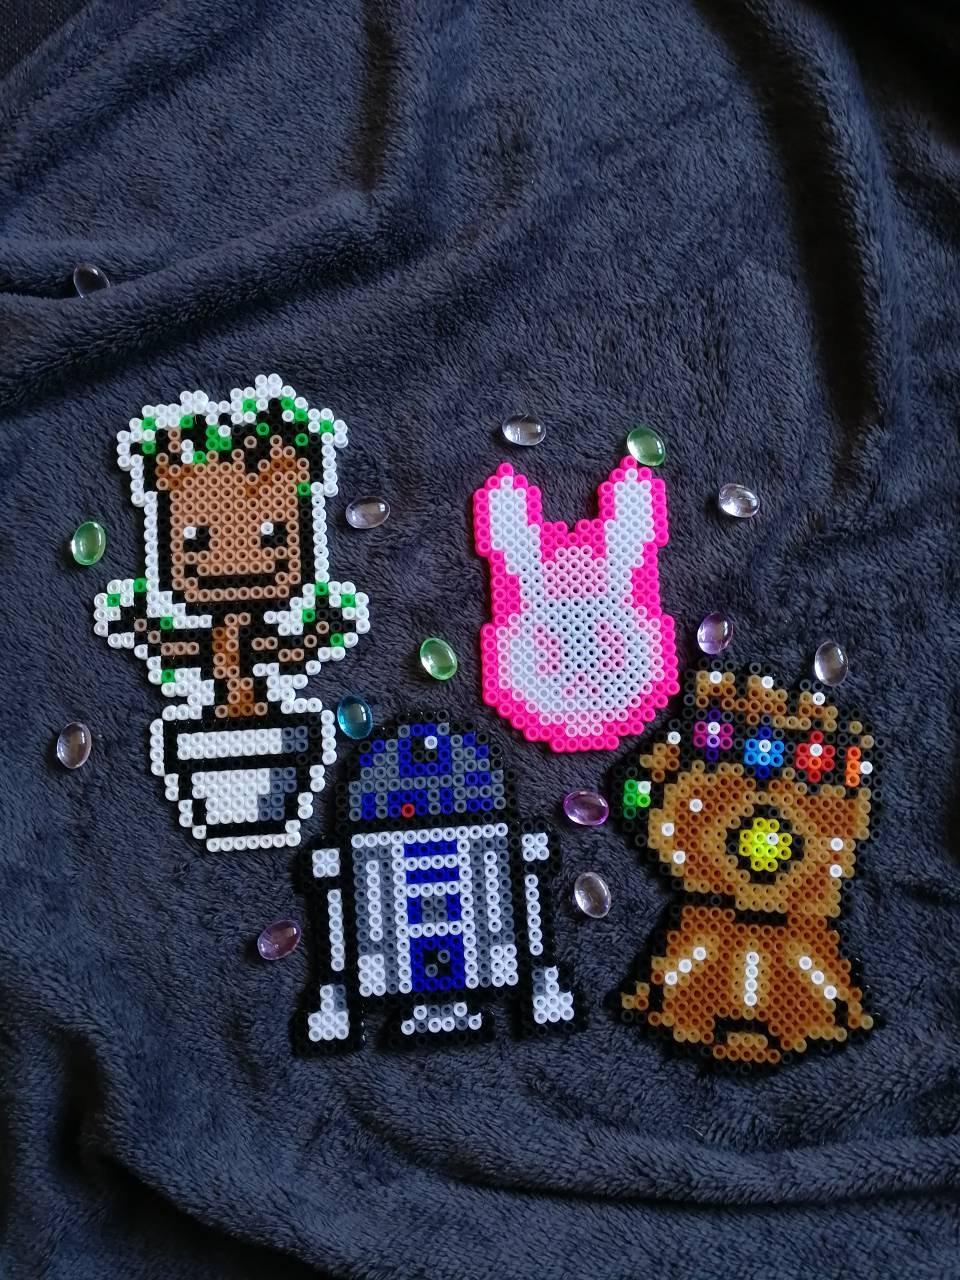 Darth Vader Star Wars Perler Bead Pattern Star Wars Quilt